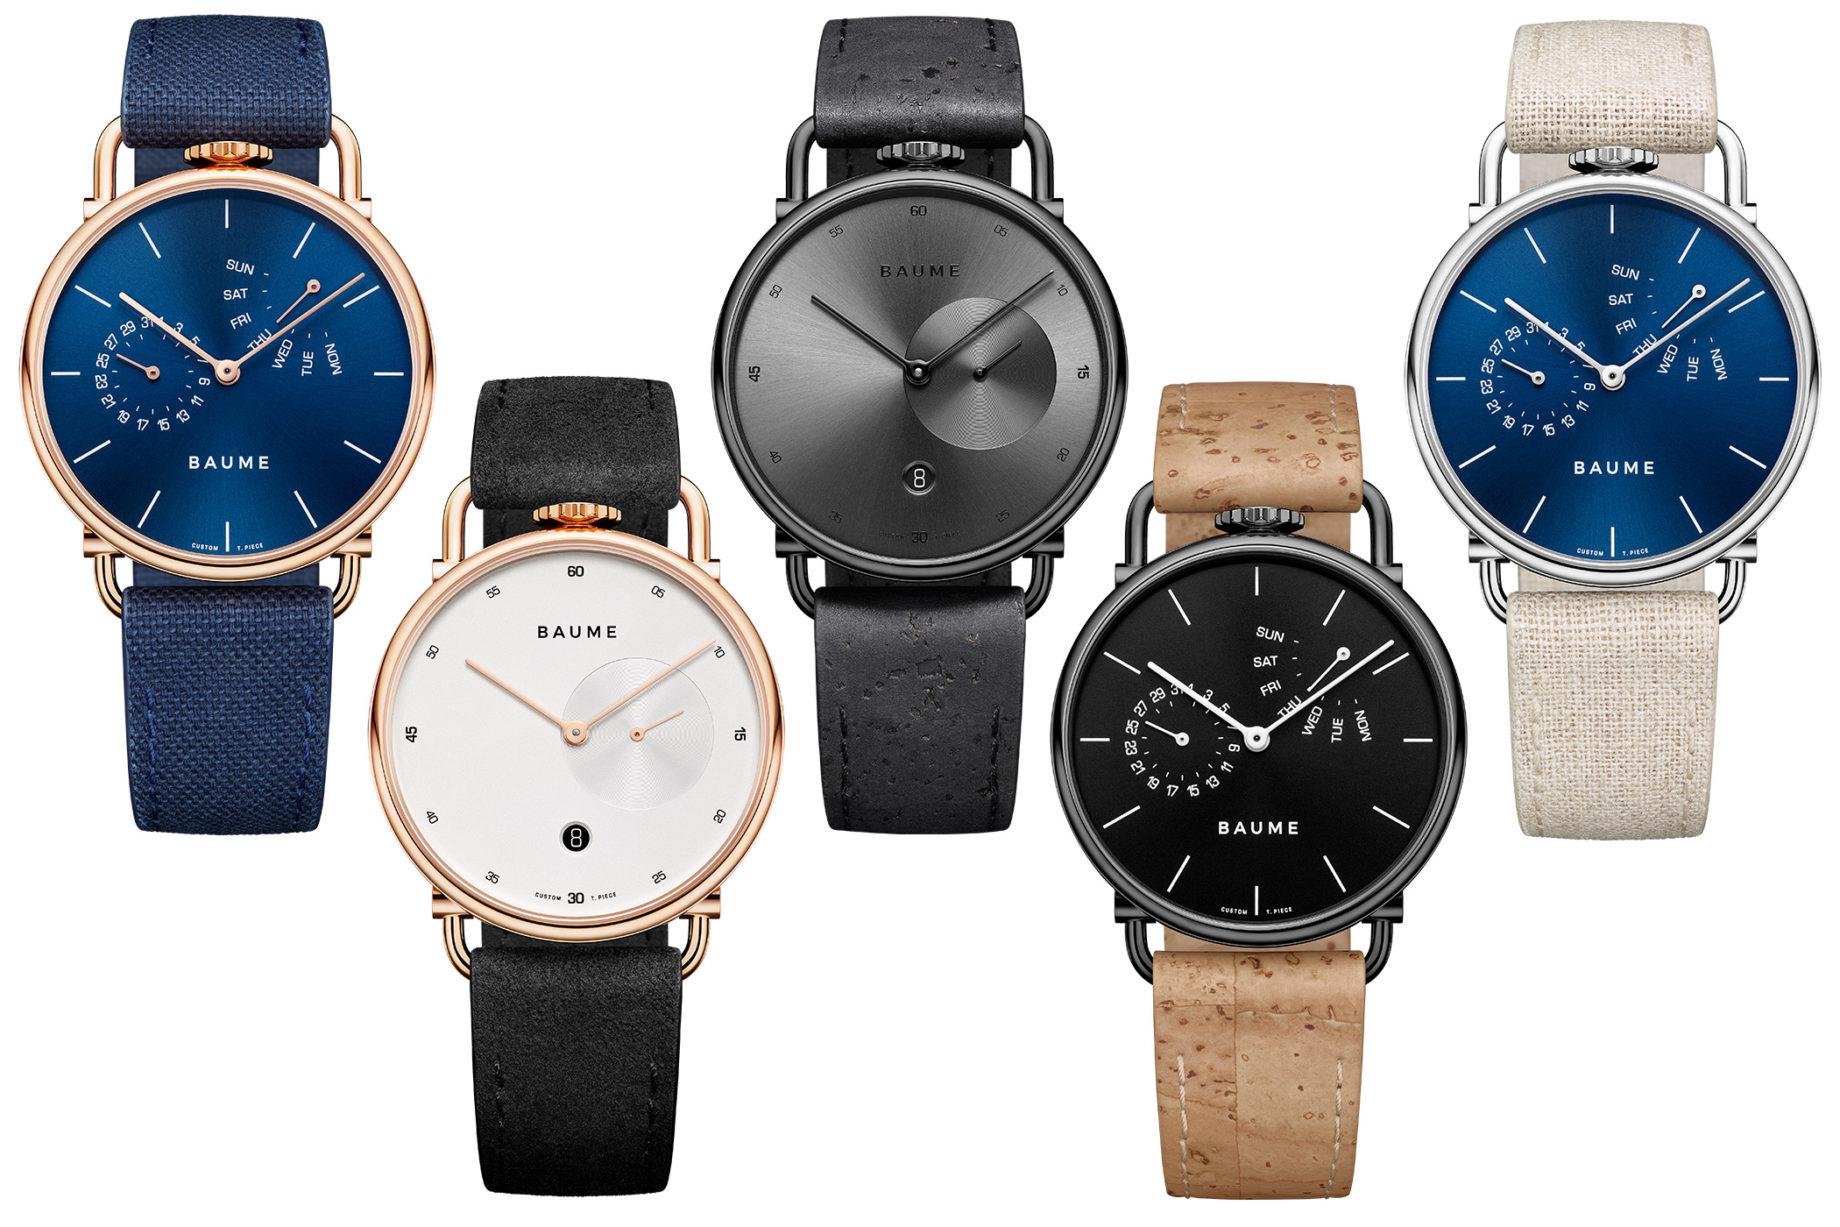 Baume - zegarki w rozmiarze 41 mm